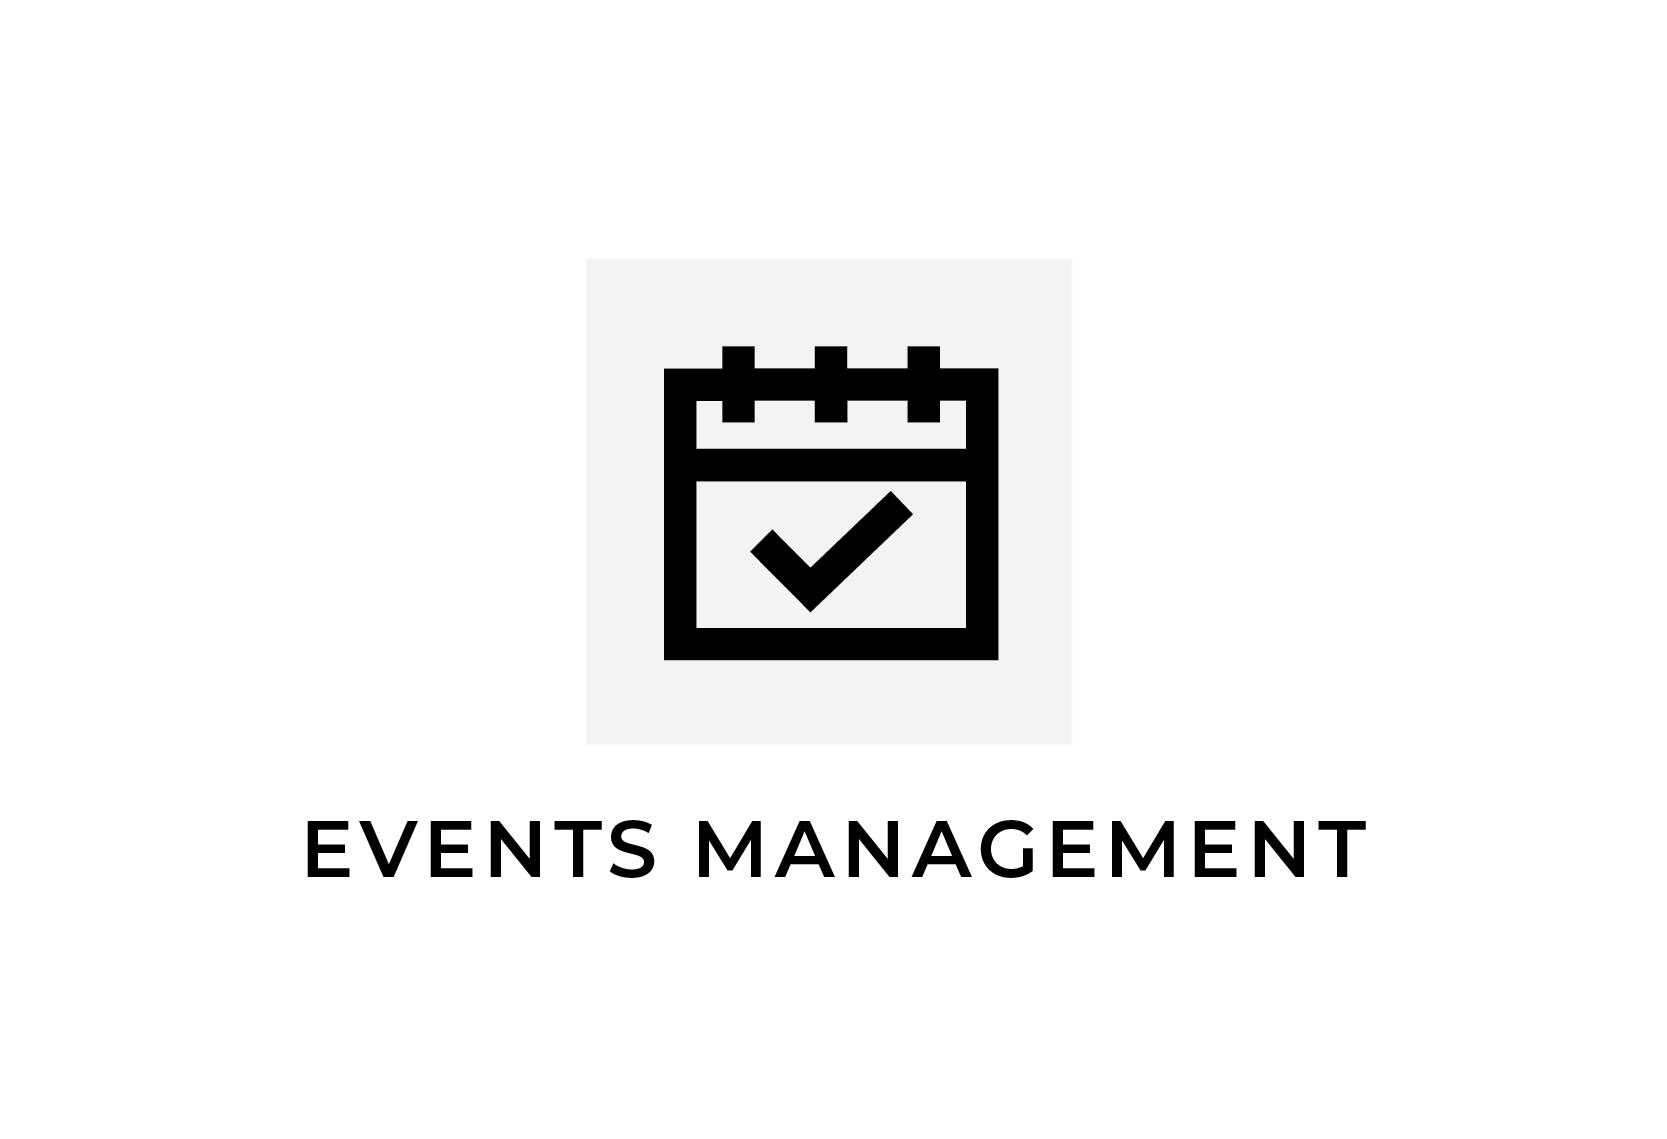 EventsManagement.jpg